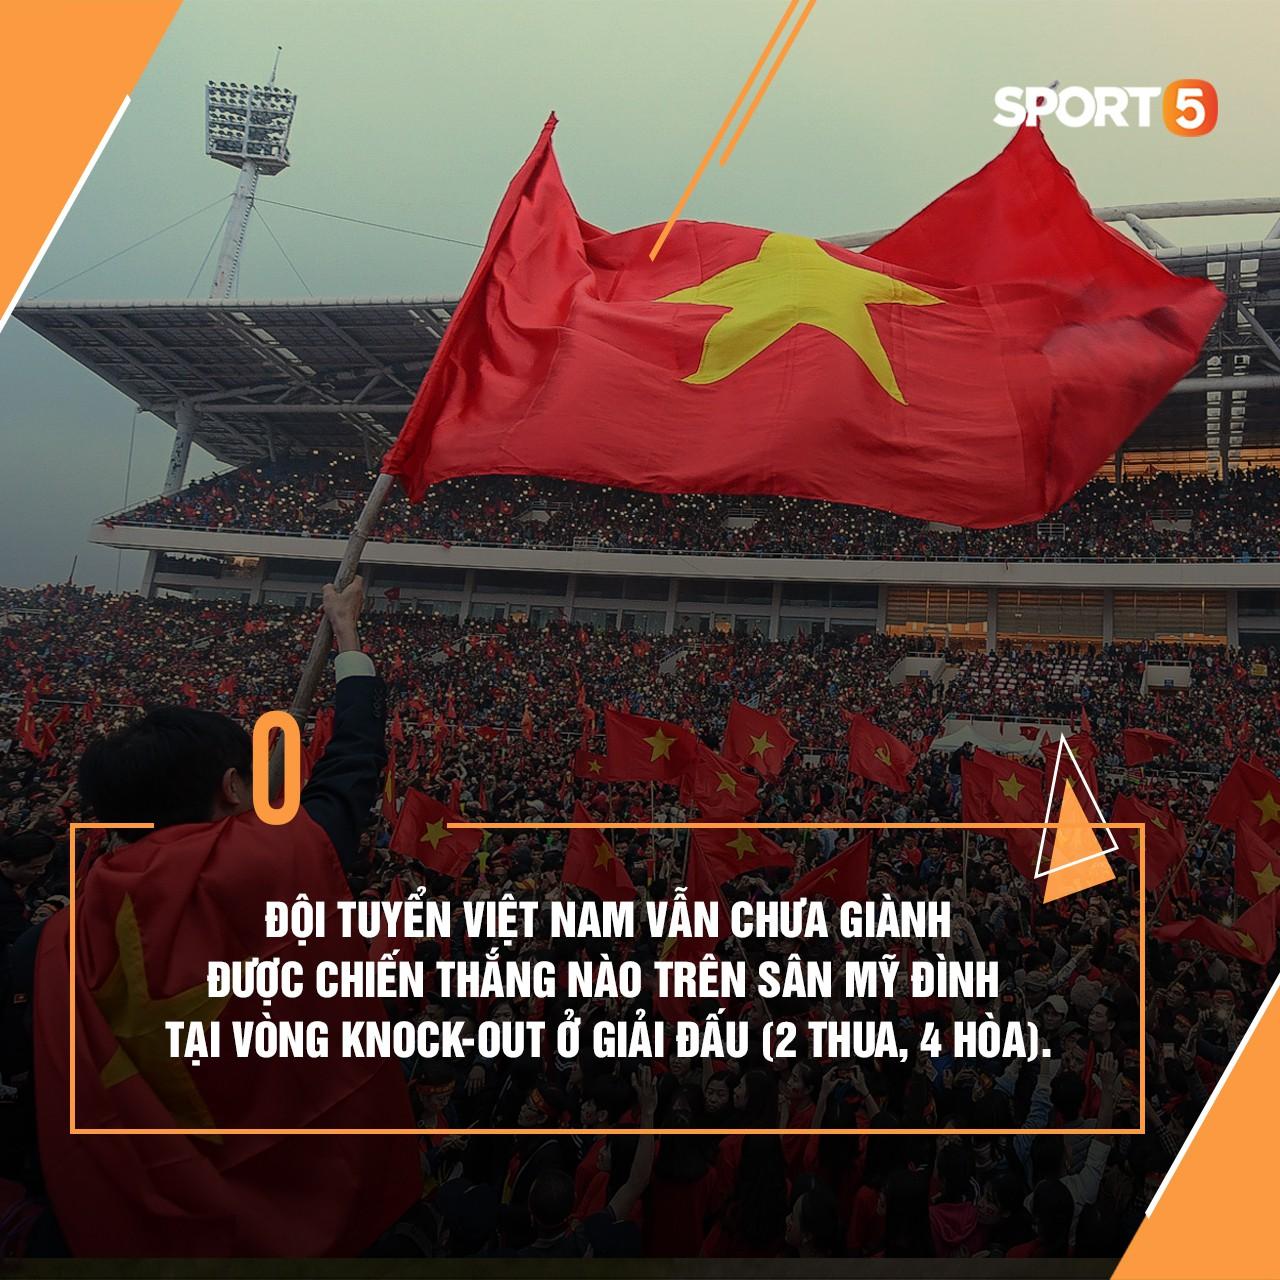 Những thống kê thú vị về tuyển Việt Nam ở AFF Cup - Ảnh 8.